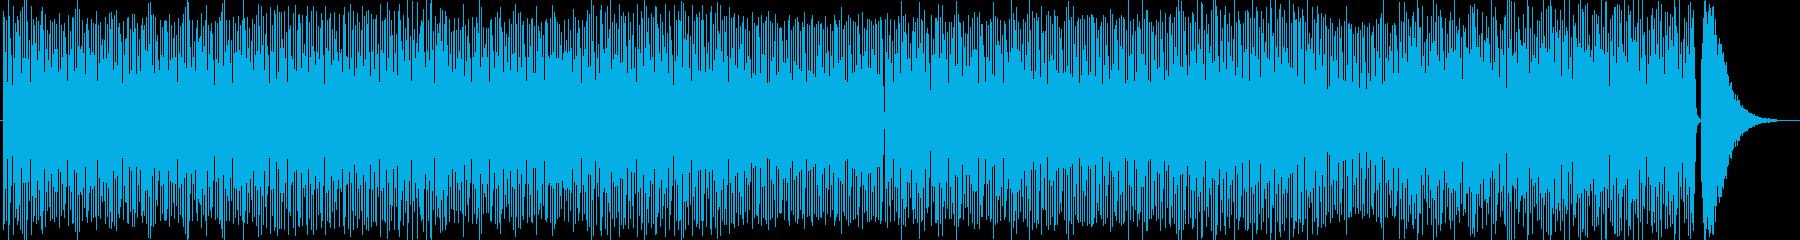 コミカルなシンセ・ボイスなどポップEDMの再生済みの波形